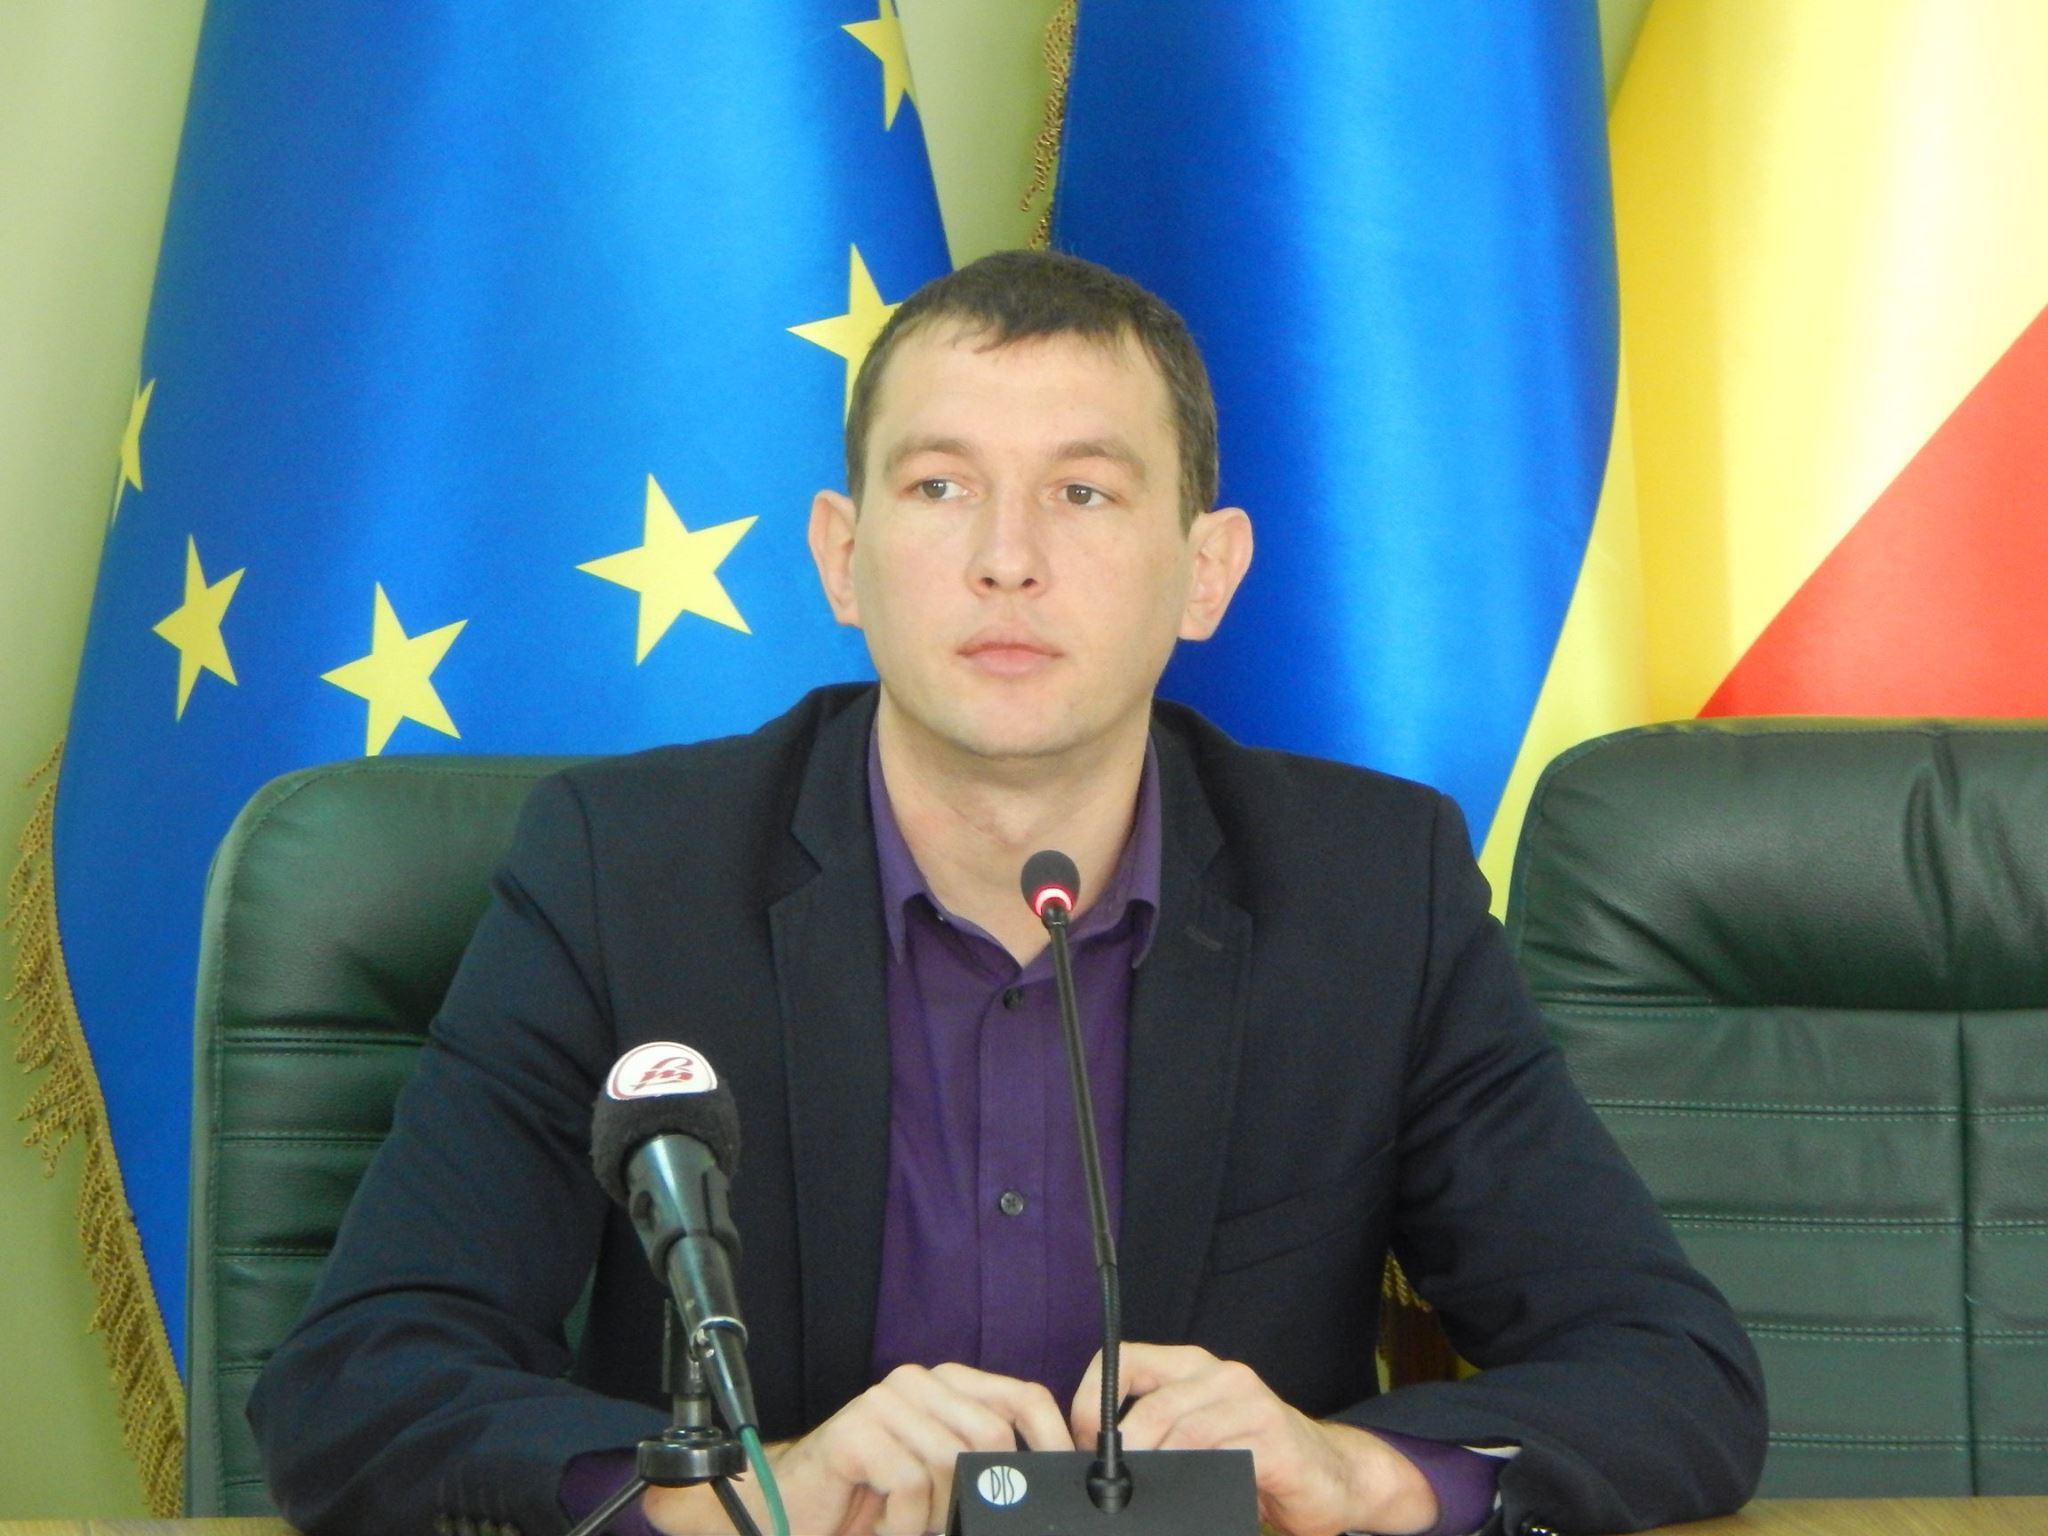 Моклиця вирішив піти з Громадської ради при Волинській ОДА через нового Президента